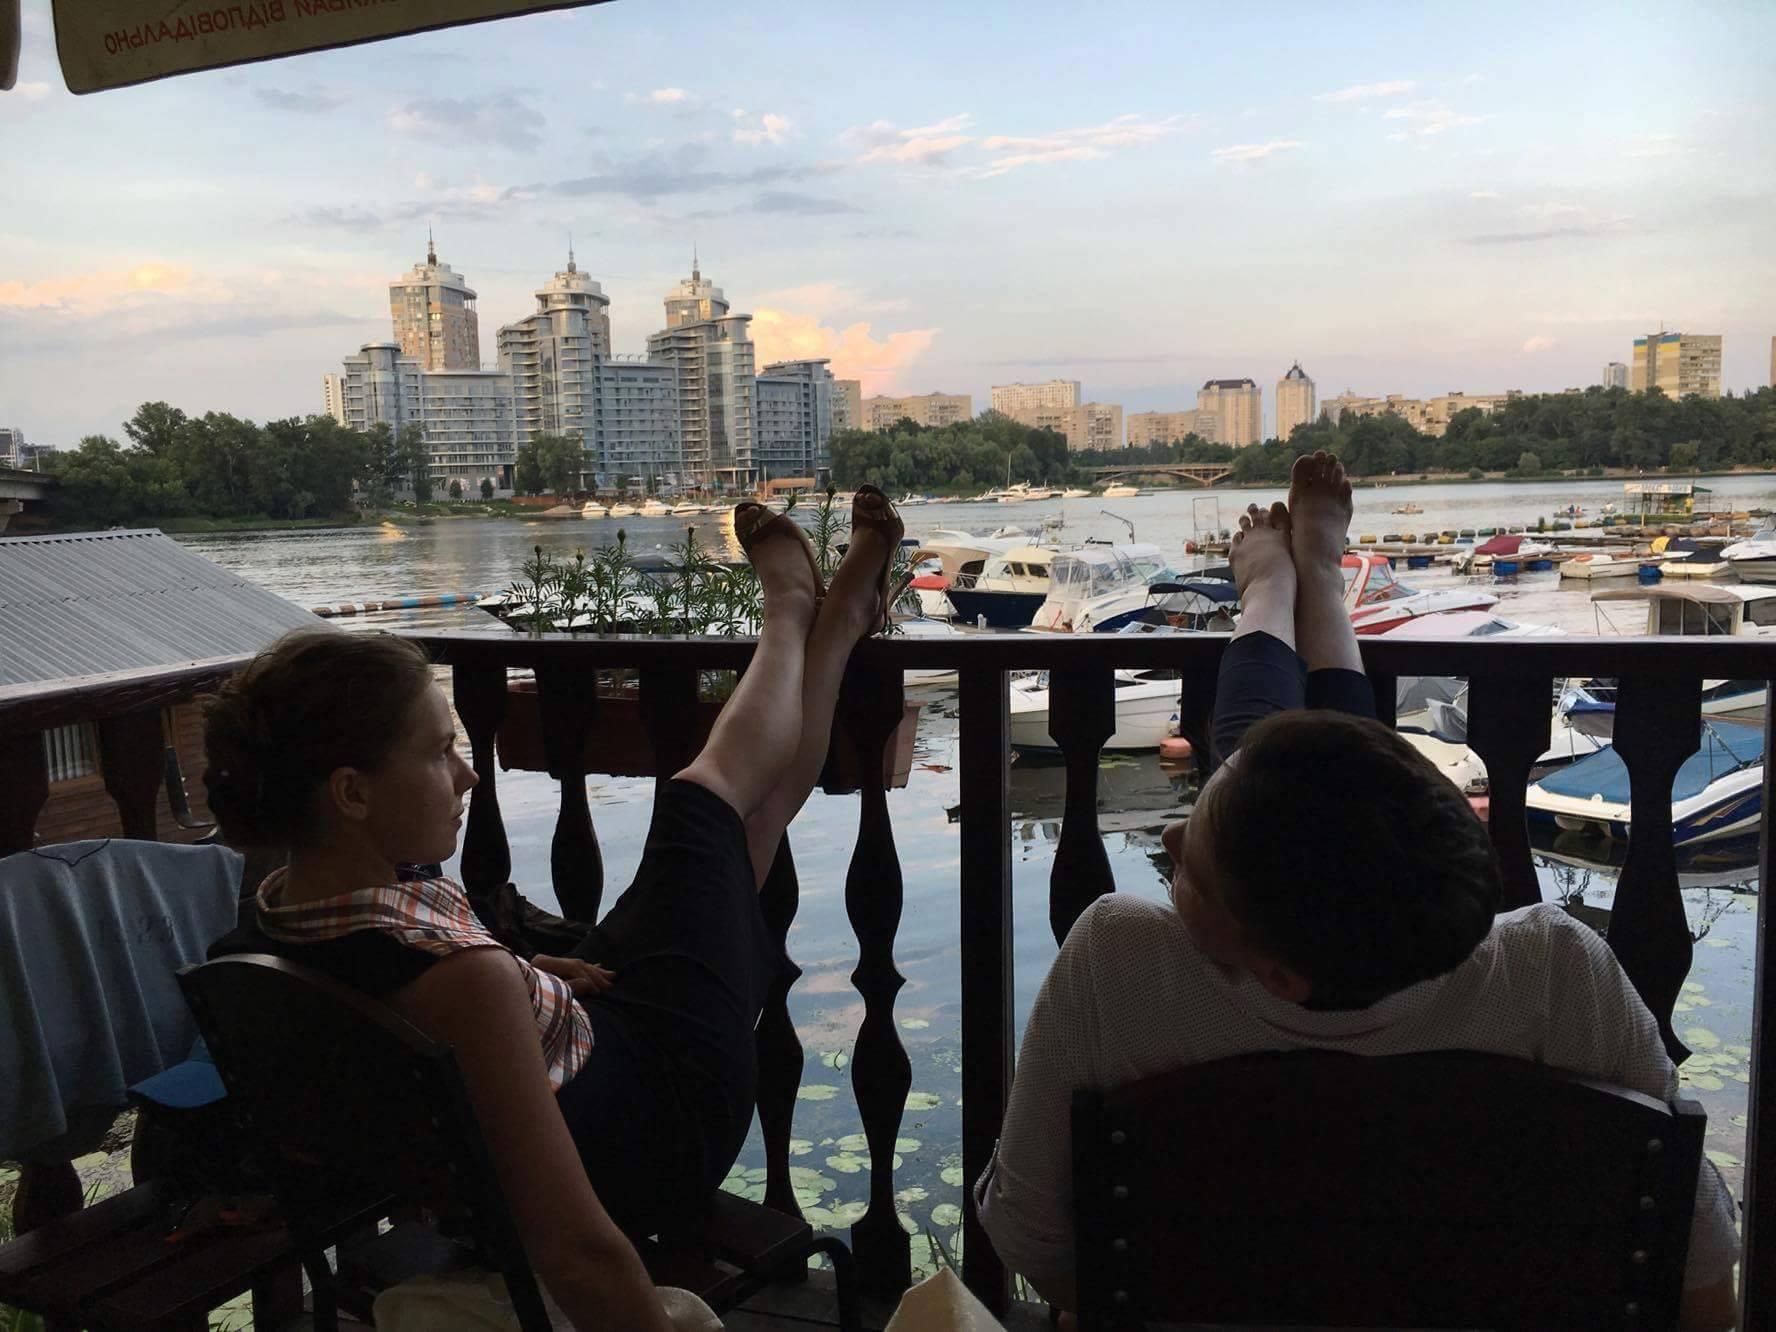 Як Савченко з сестрою релаксують на Дніпрі - фото 1